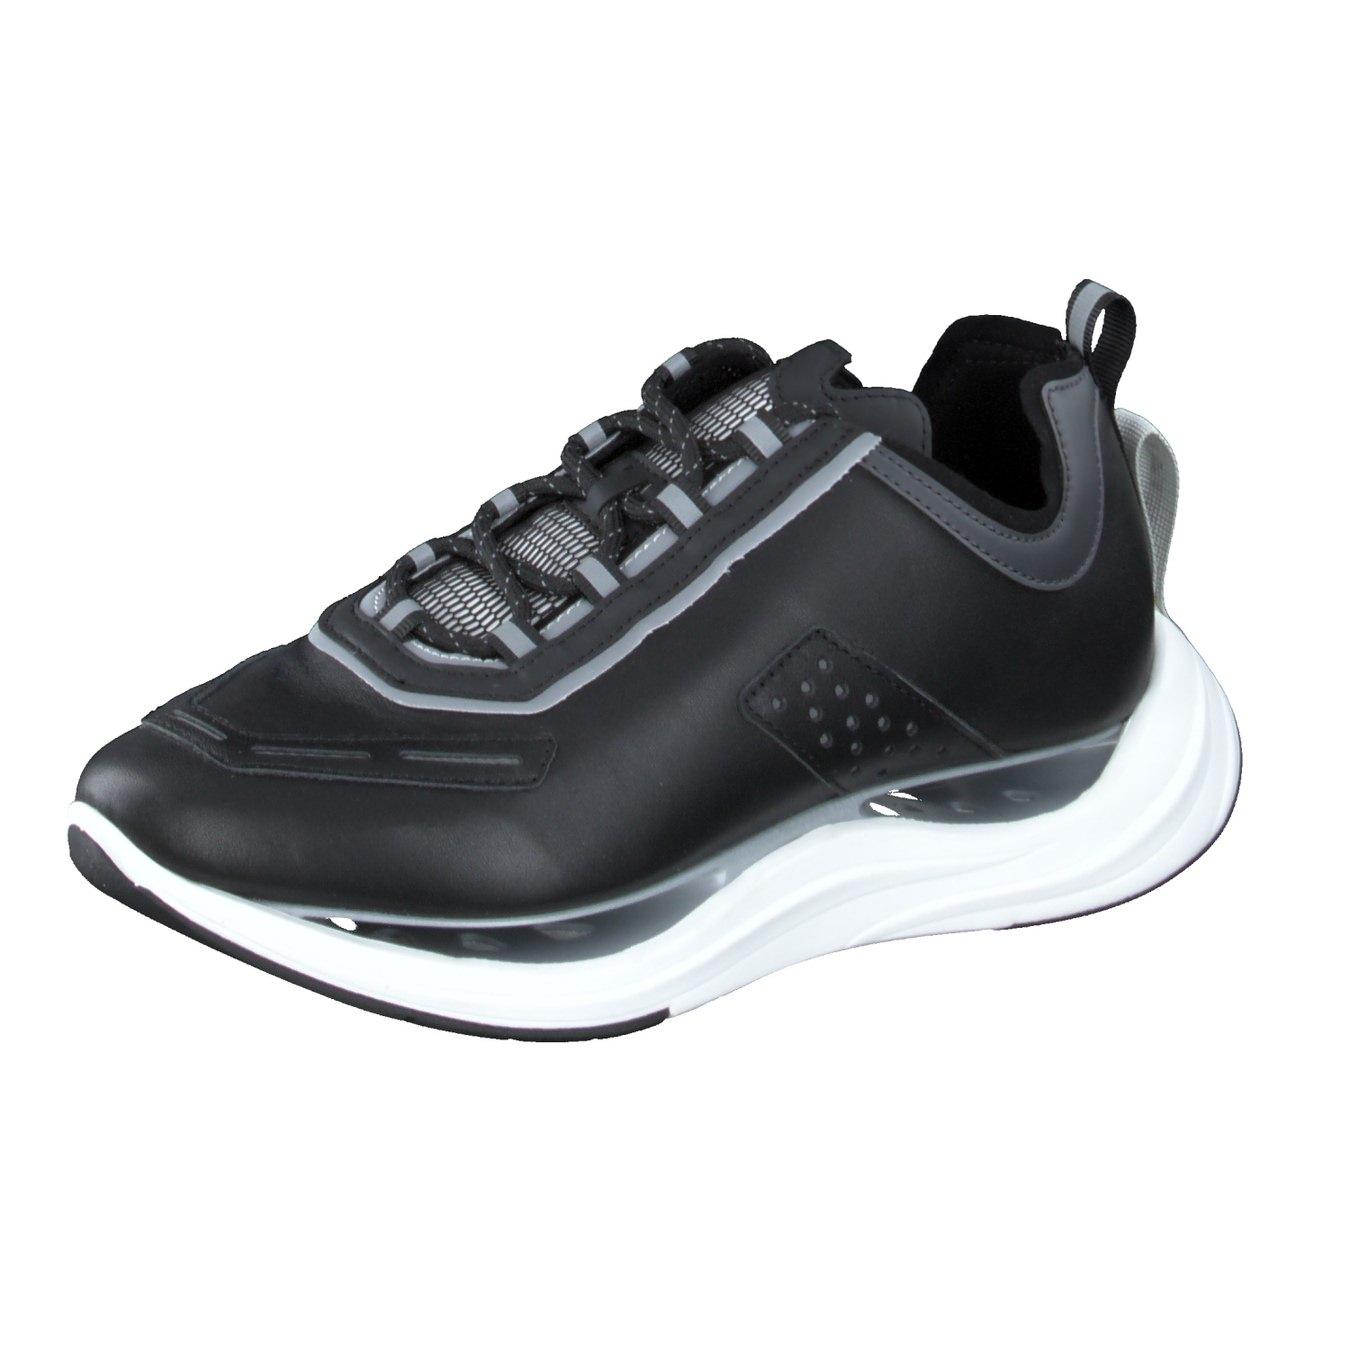 In Shop Schwarz KaufenZumnorde Arkistar Damen Online Sneaker l1cKTFJ